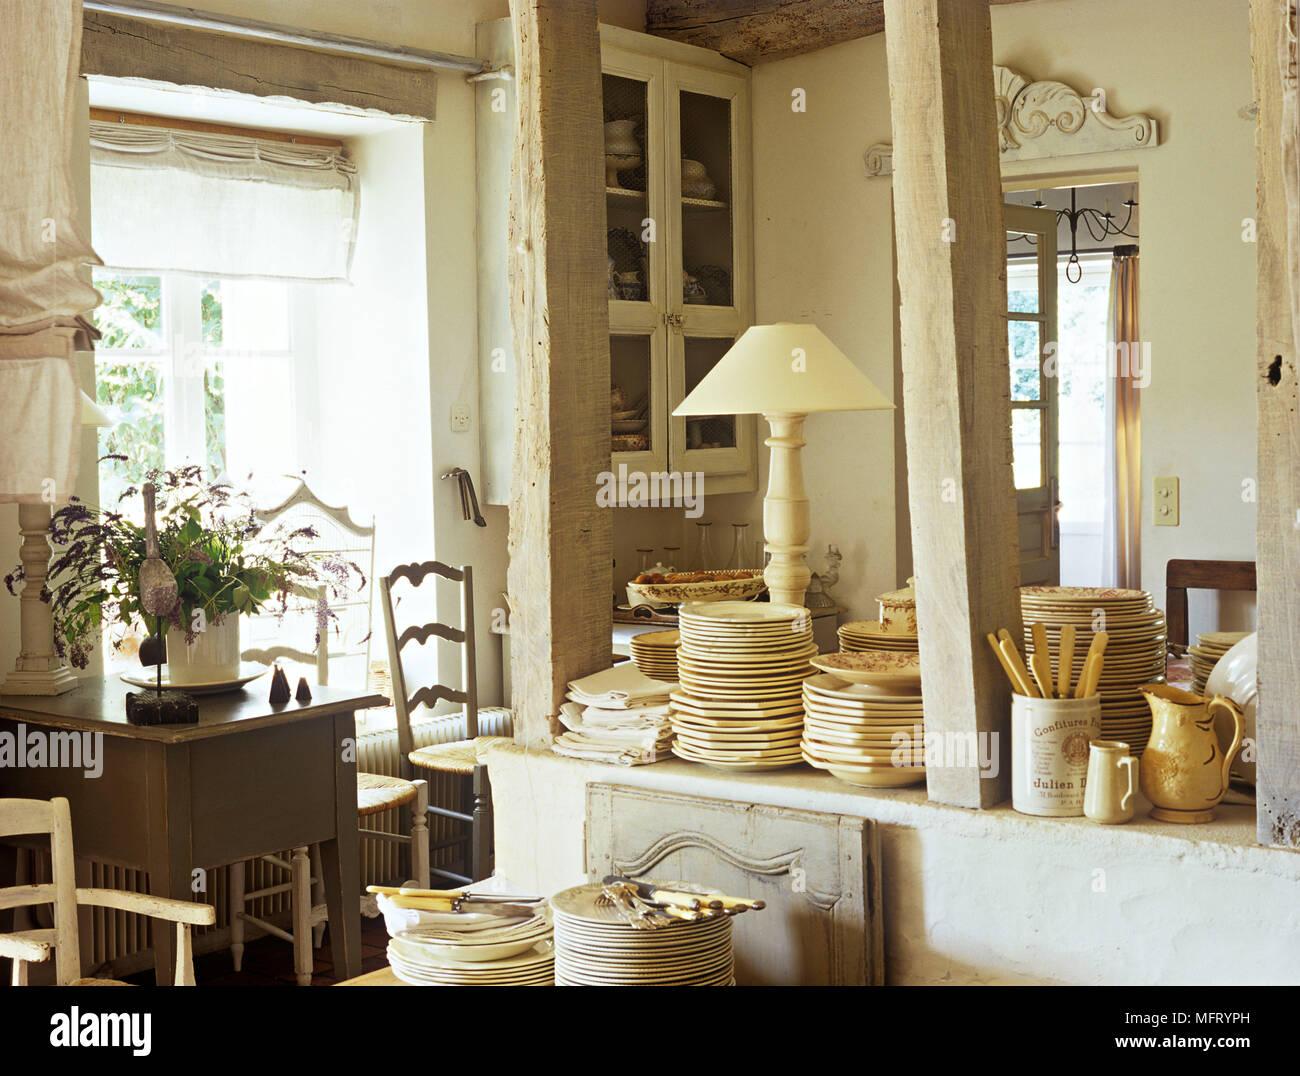 Paese rustica cucina neutro di pile di piastre interni ...